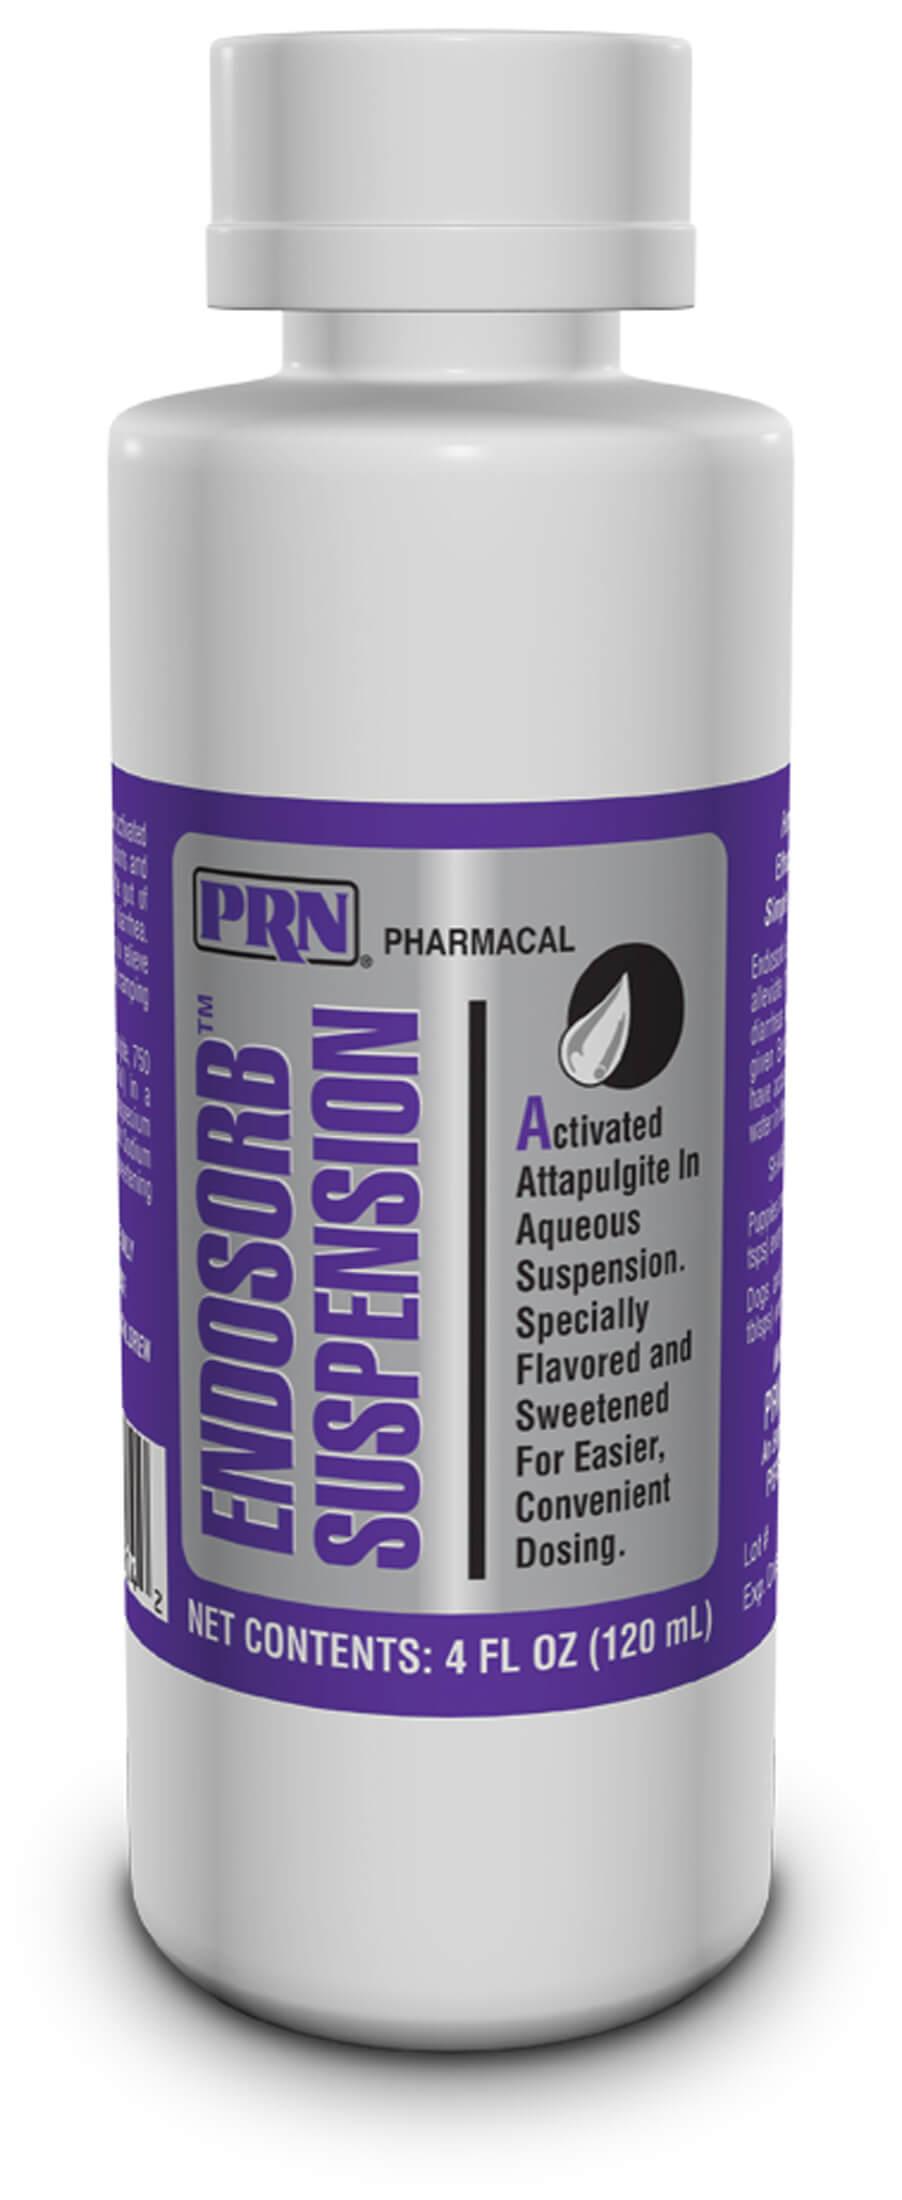 Endosorb Suspension Liquid